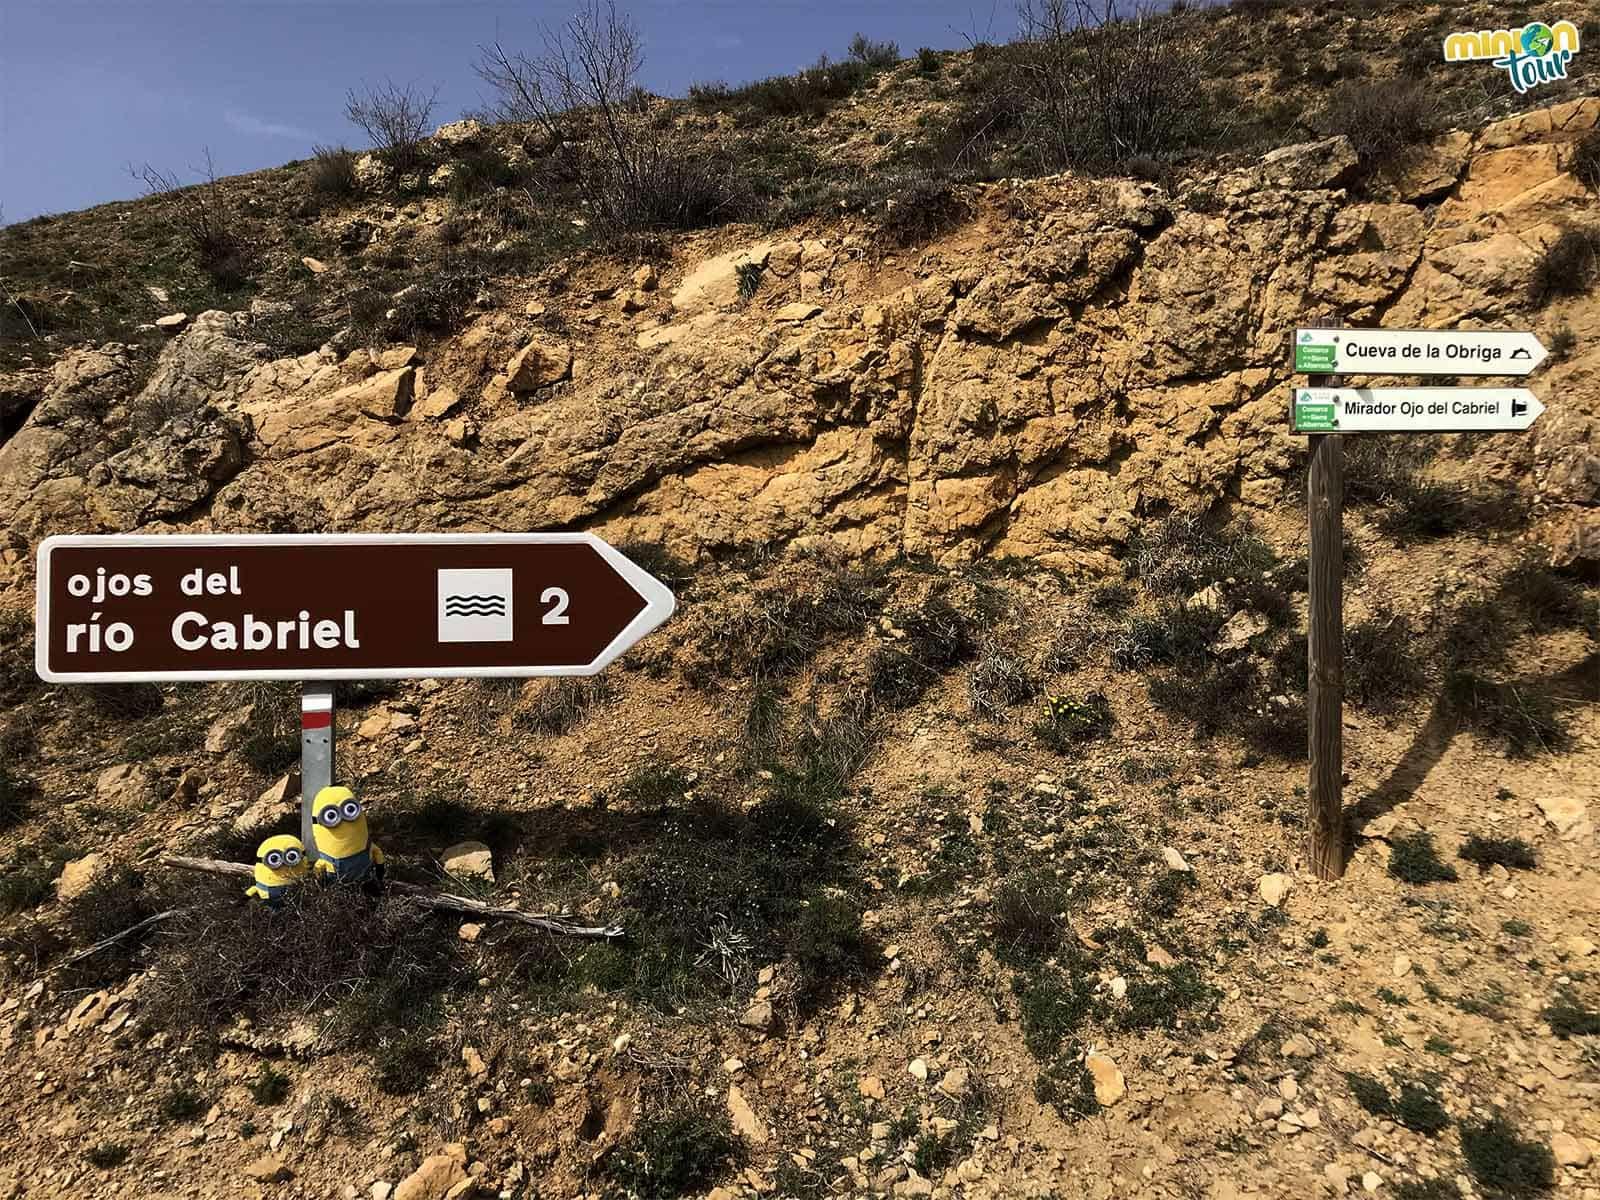 Empezamos la ruta a los Ojos del Cabriel